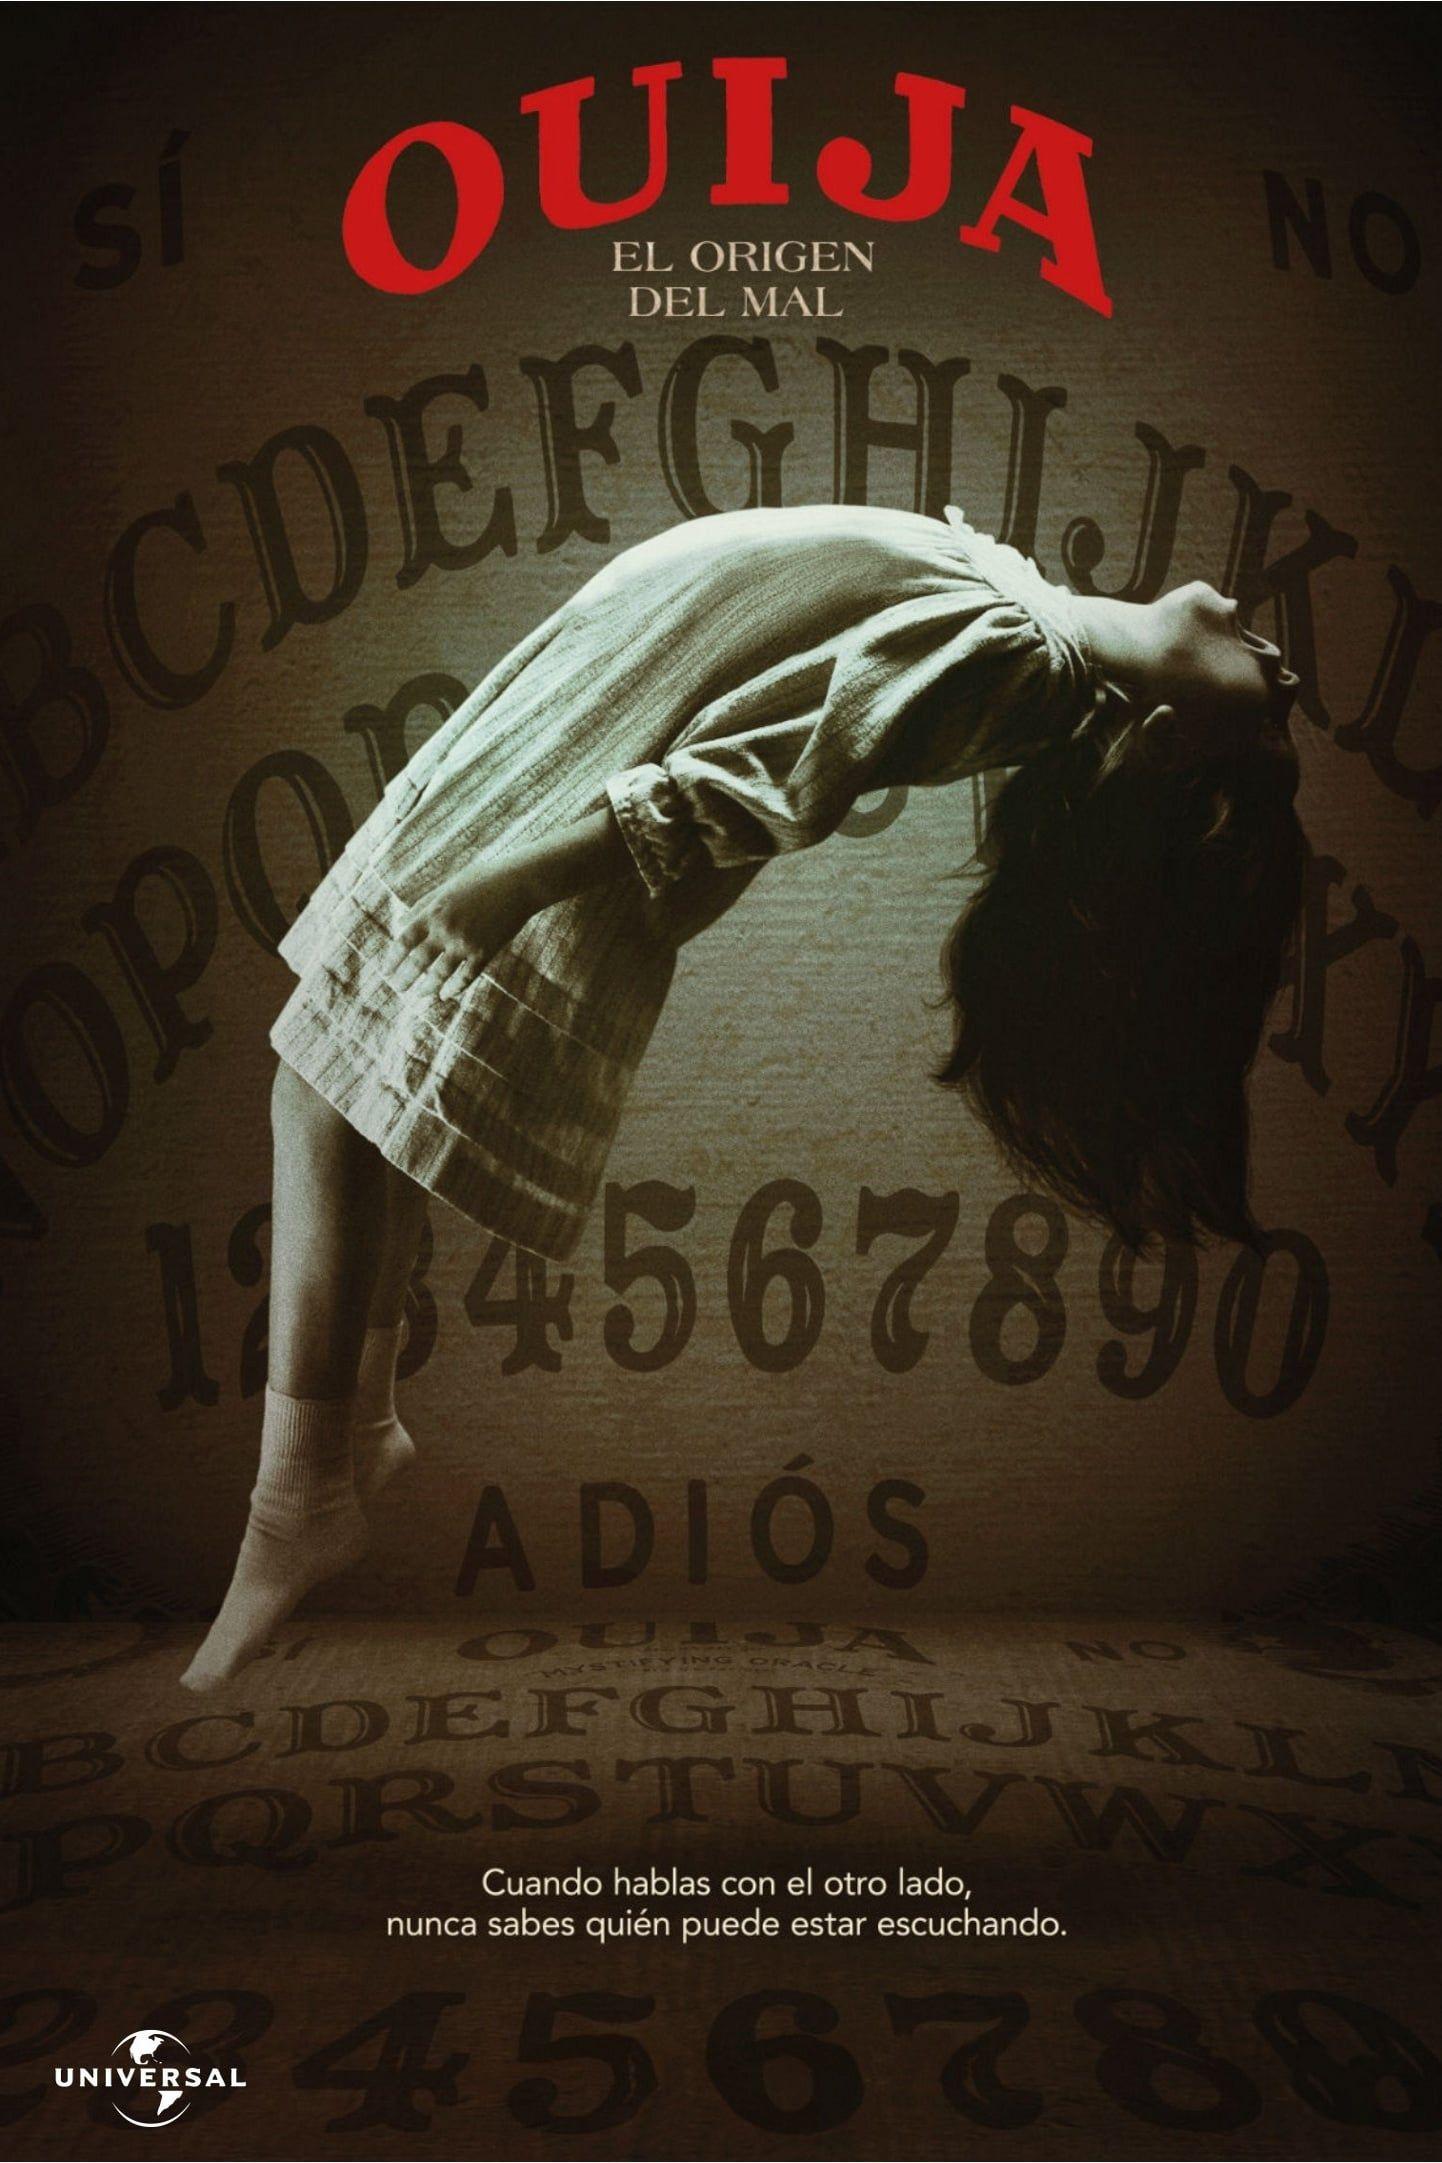 Ouija El Origen Del Mal Ouija Origin Of Evil Download Movies English Movies